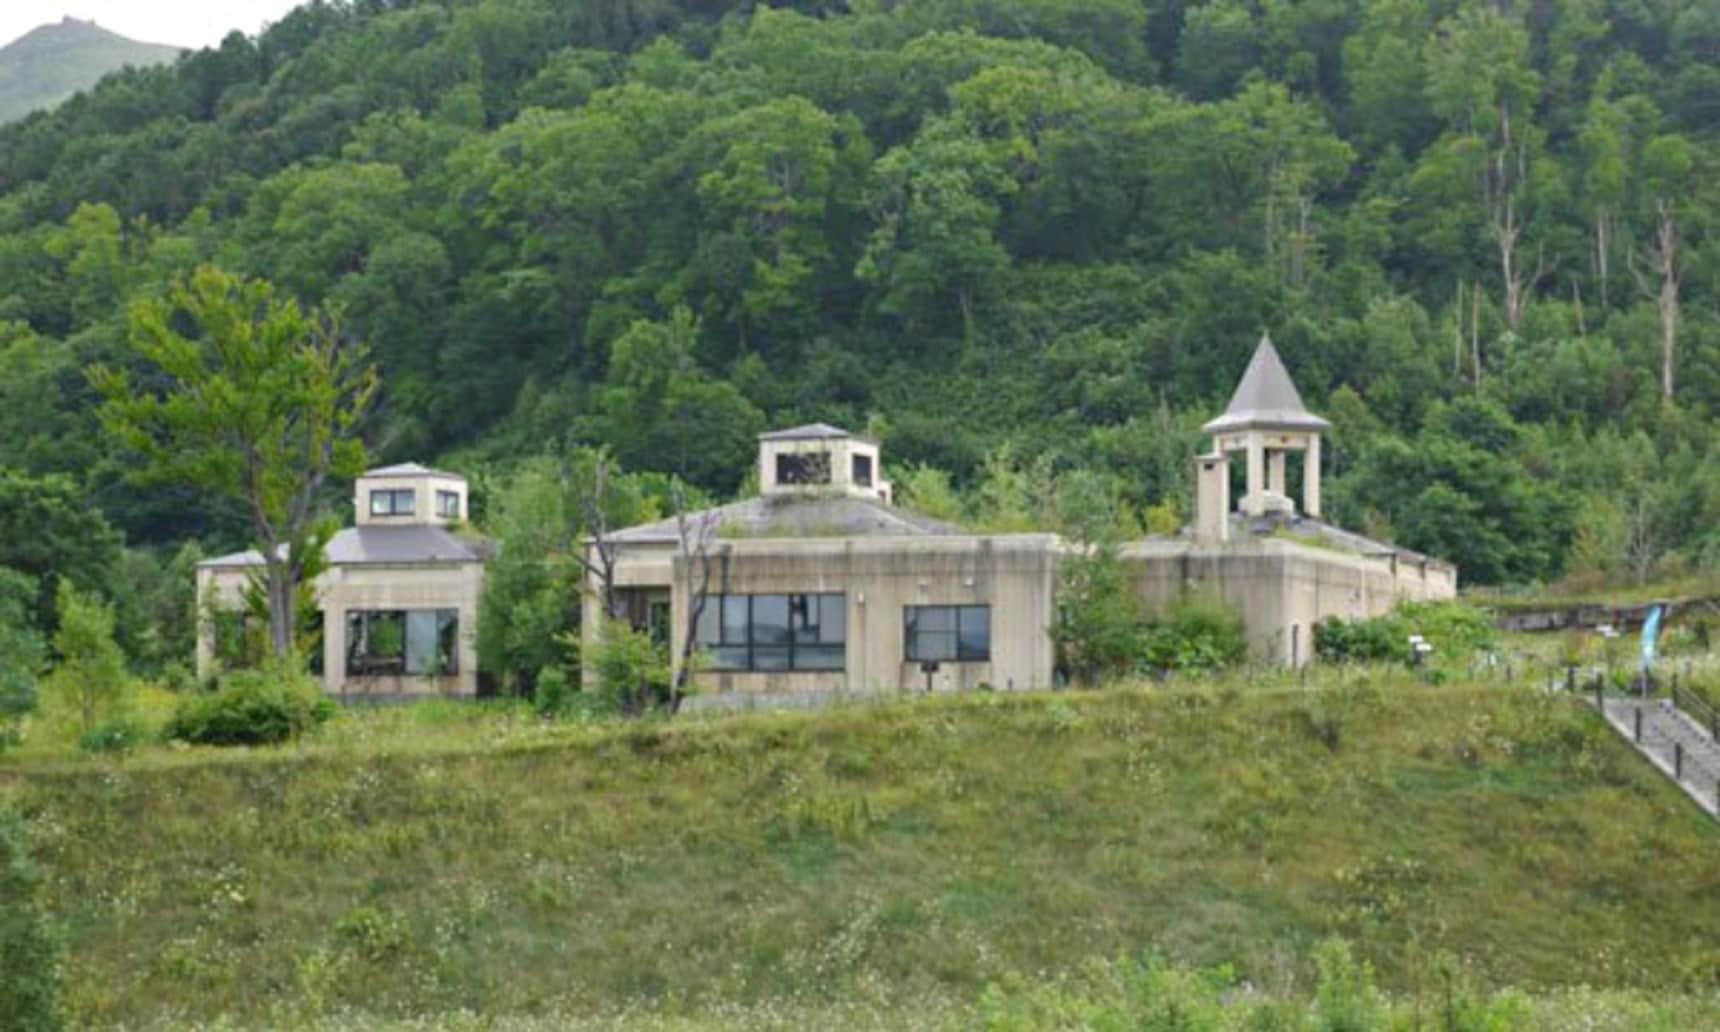 Luxury Resort or Ghost Town?